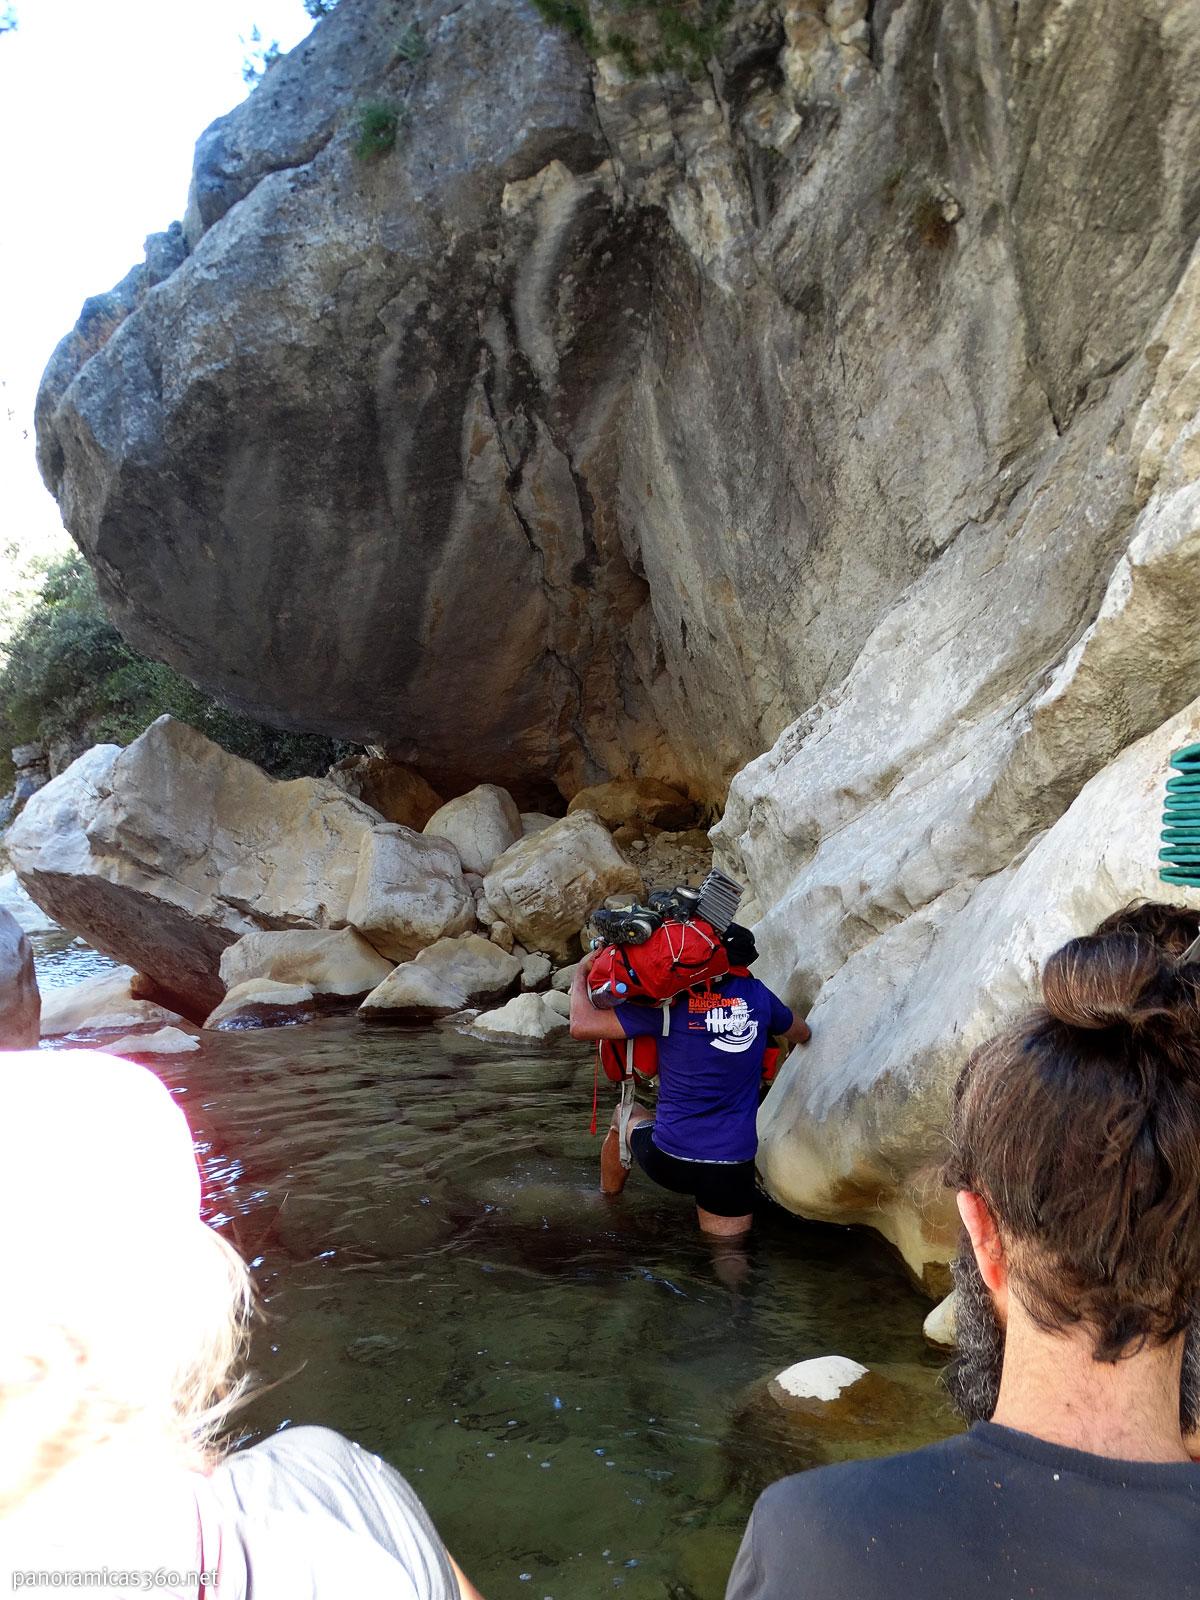 Cruzando el arroyo Tornillos de Gualay en Cazorla